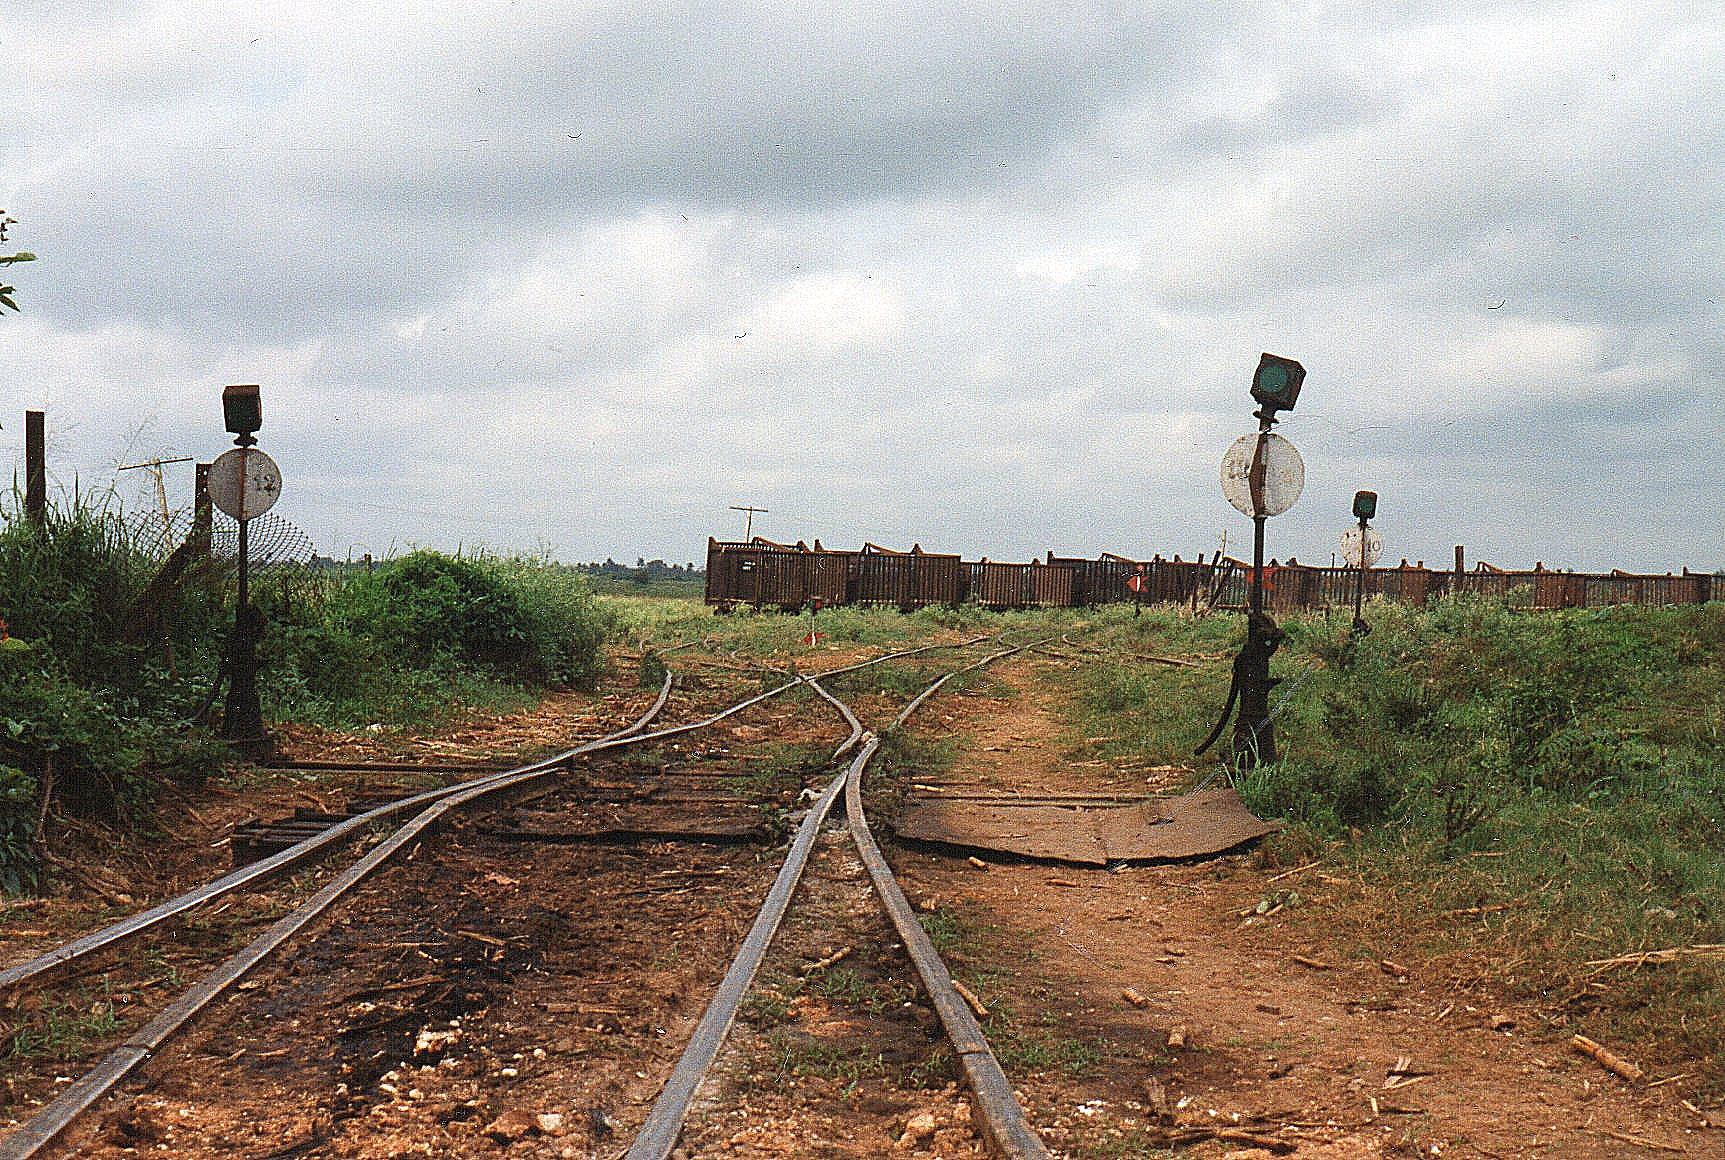 Ikke alle steder ved MINAZ lå sporene lige pænt, Ikke desto mindre kørte med lokomotivet og en hjemmelavet togførervogn med et stort hul i gulvet en kilometer ud ad linjen. Det ville de ikke have ekstra for ud over drikkepenge.